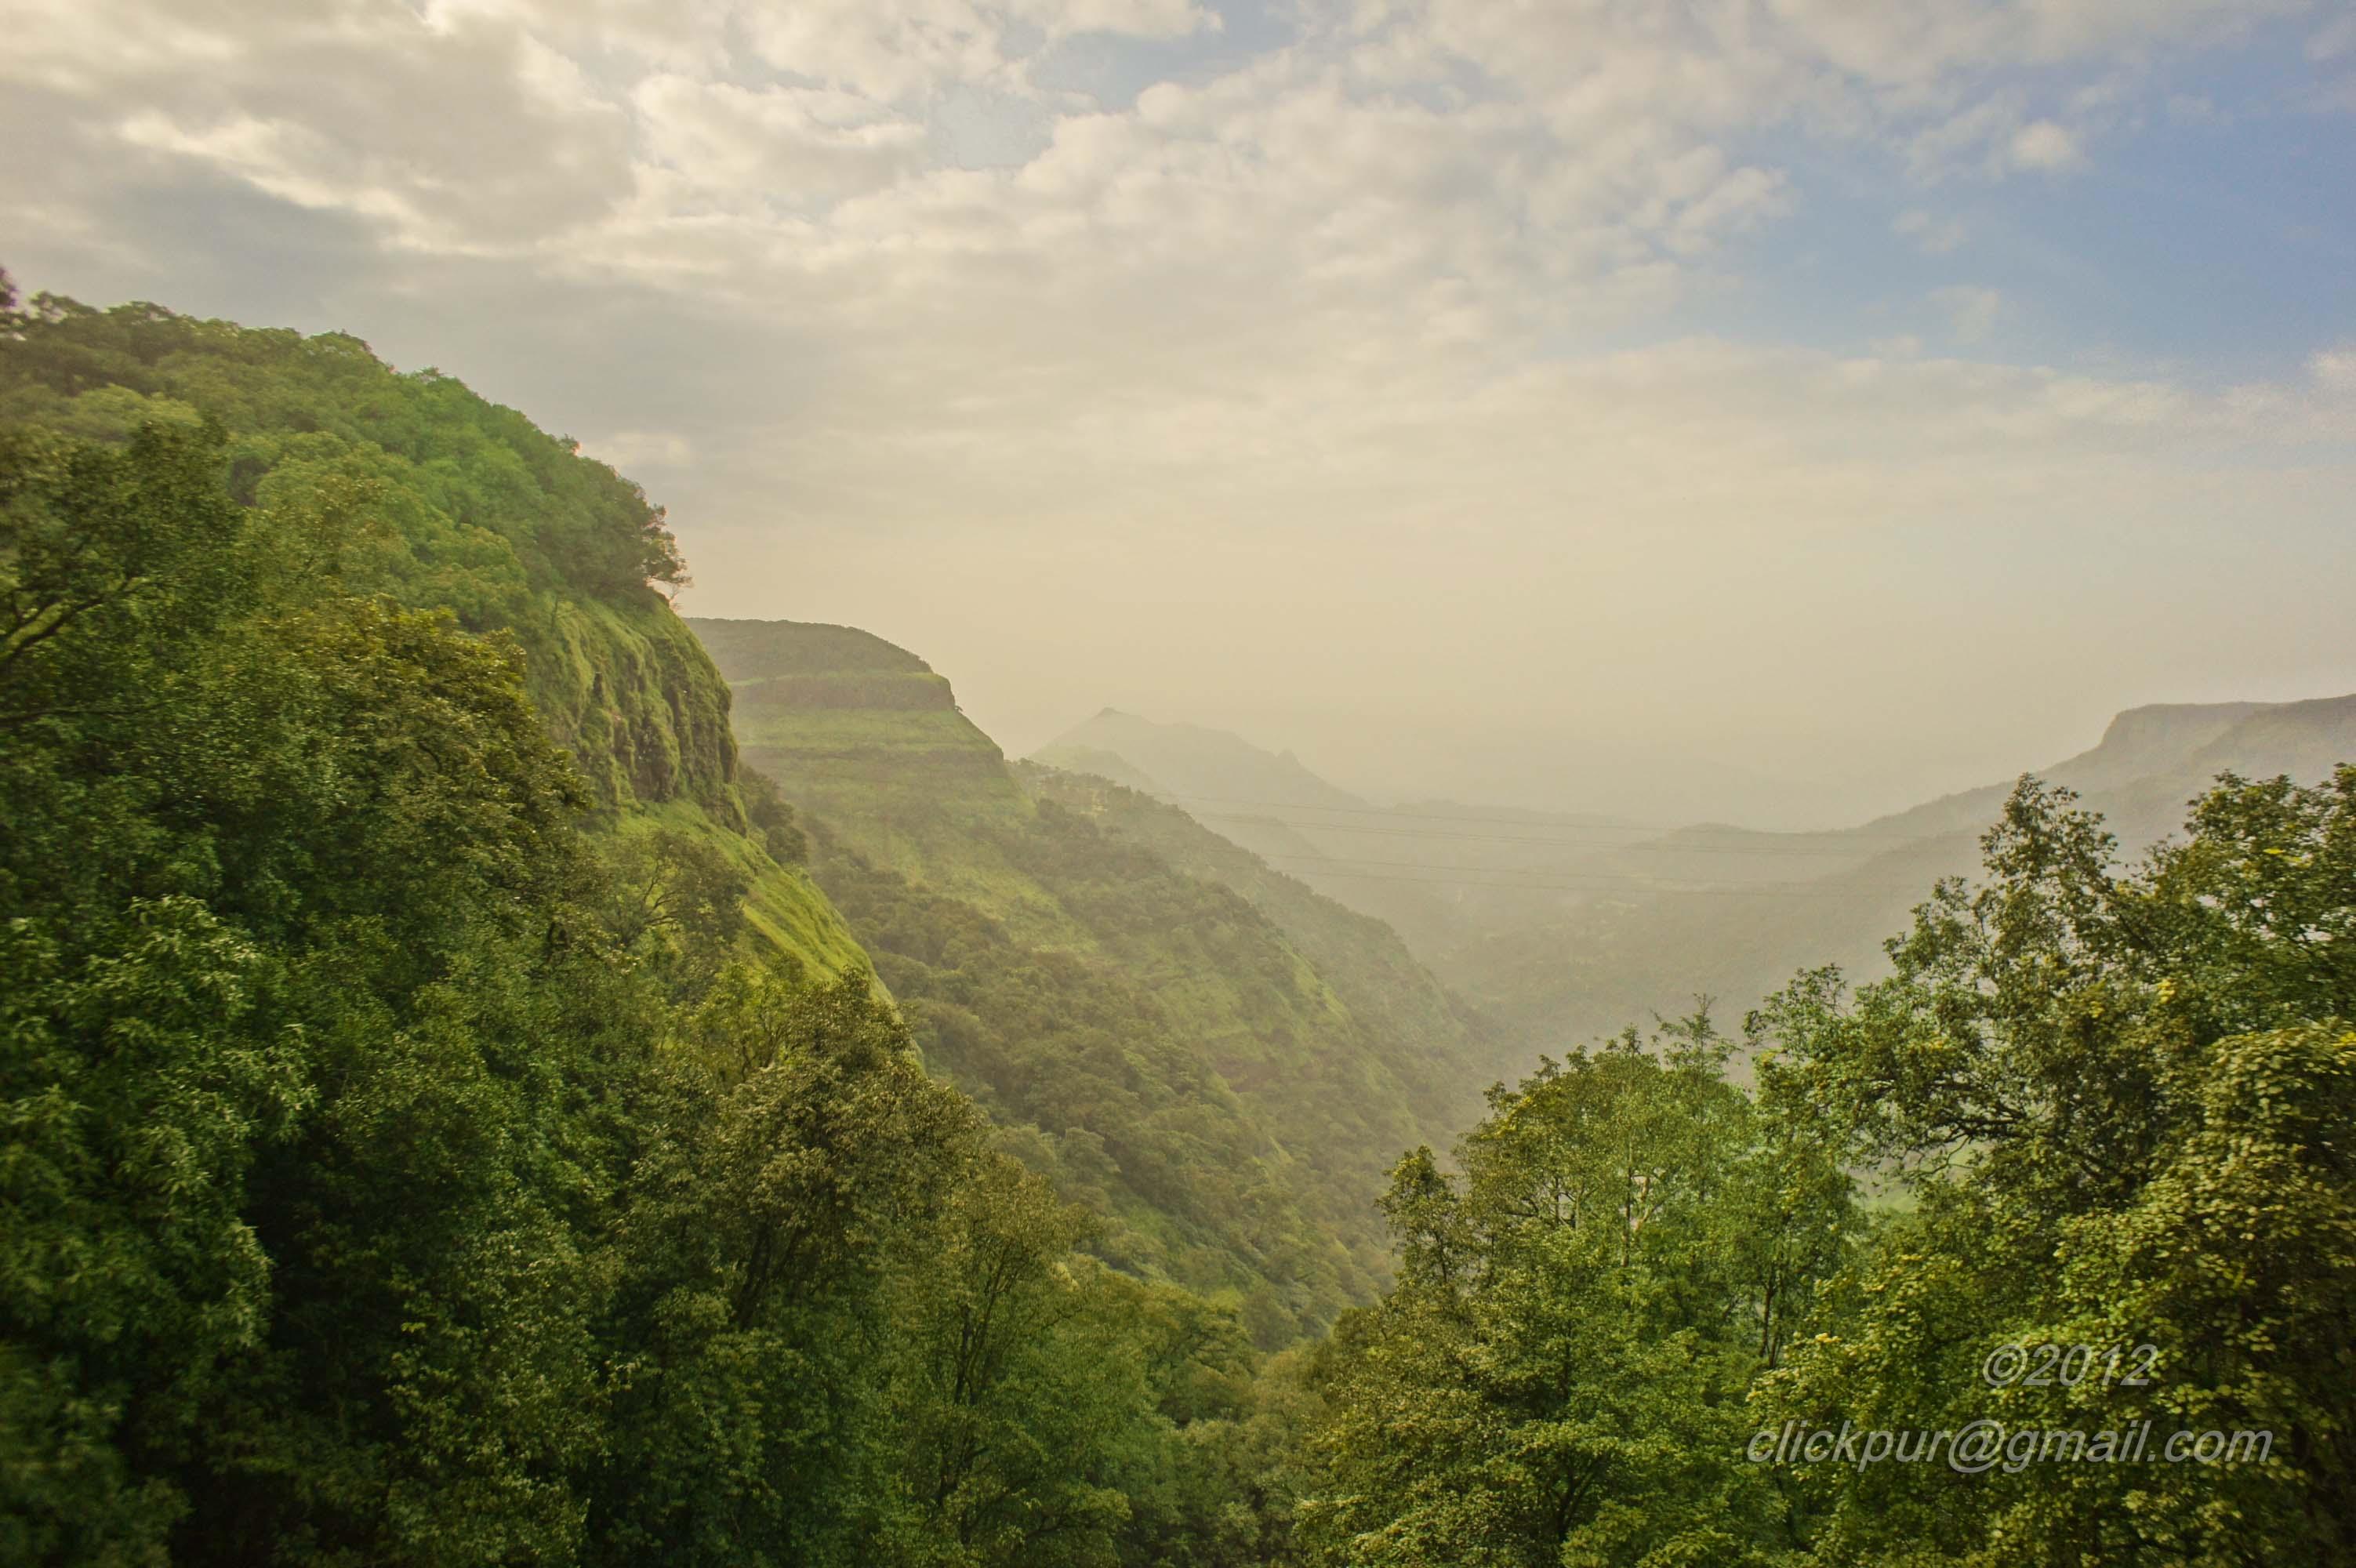 matheran-die-kleinste-bergstation-indien-secret-world